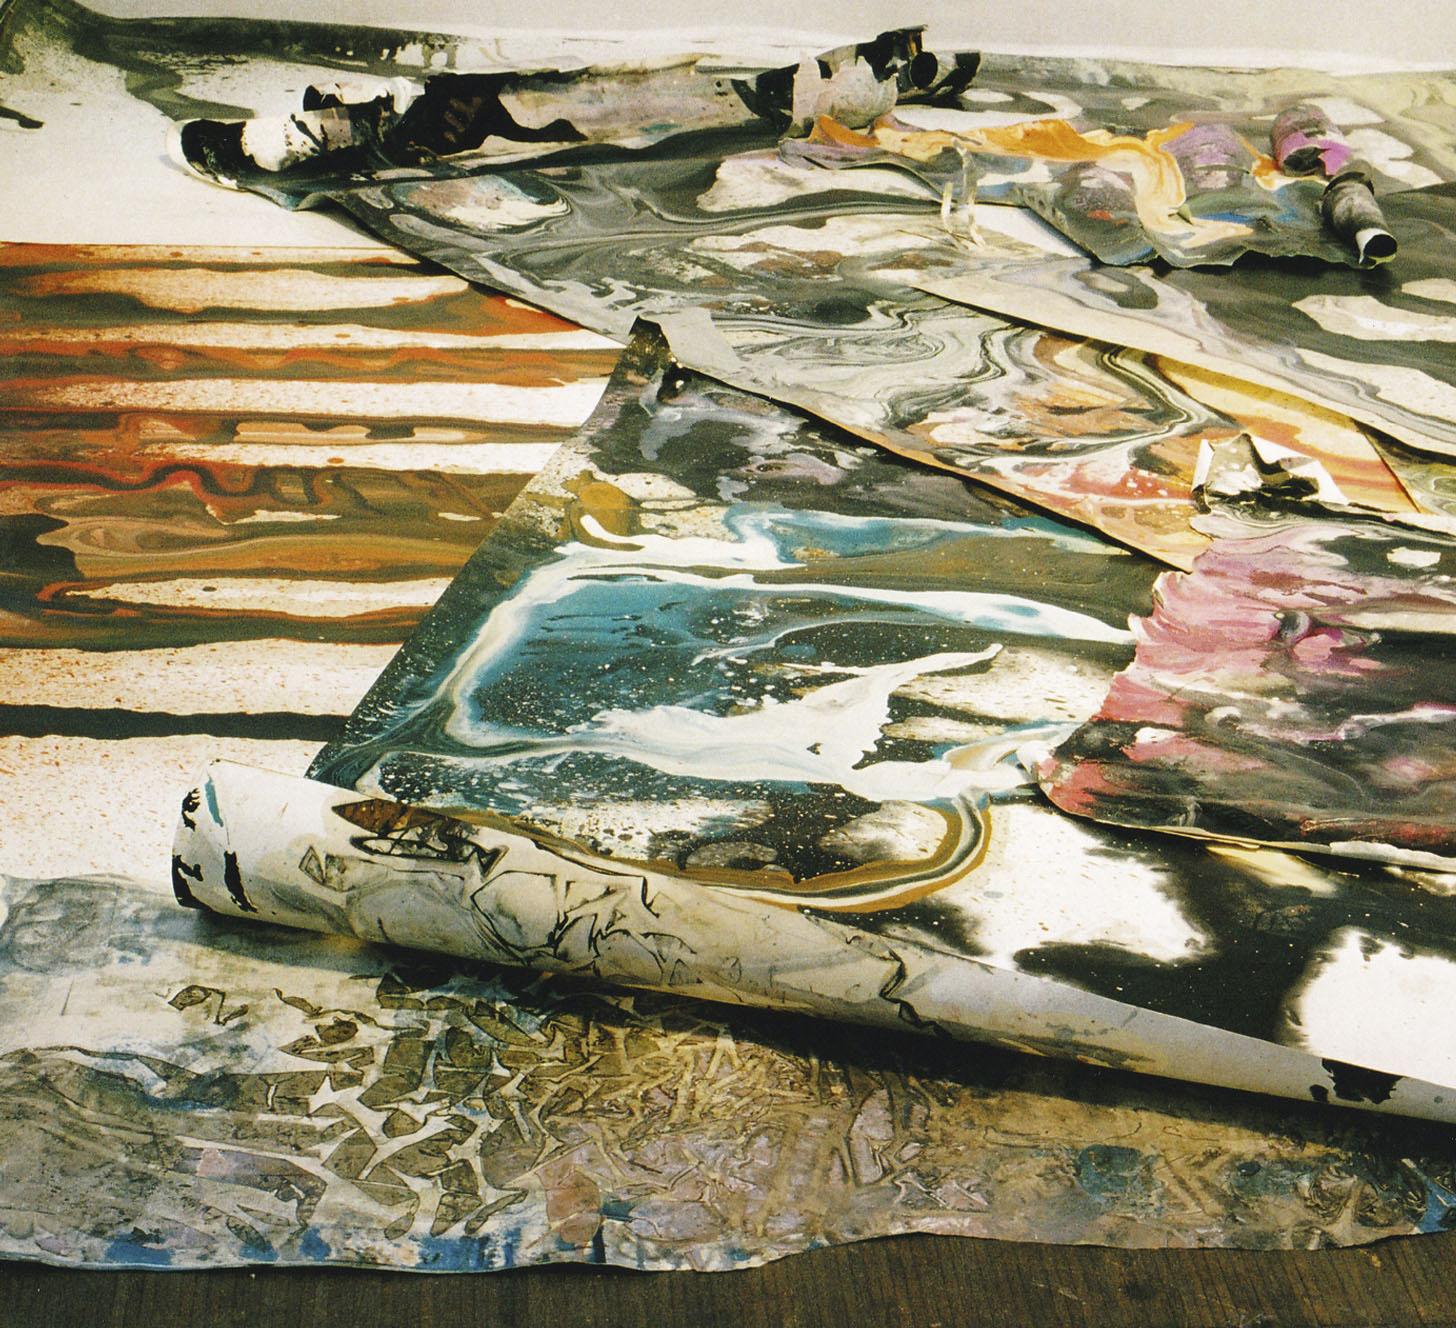 017_le sol de peinture detail inst paris_.jpg